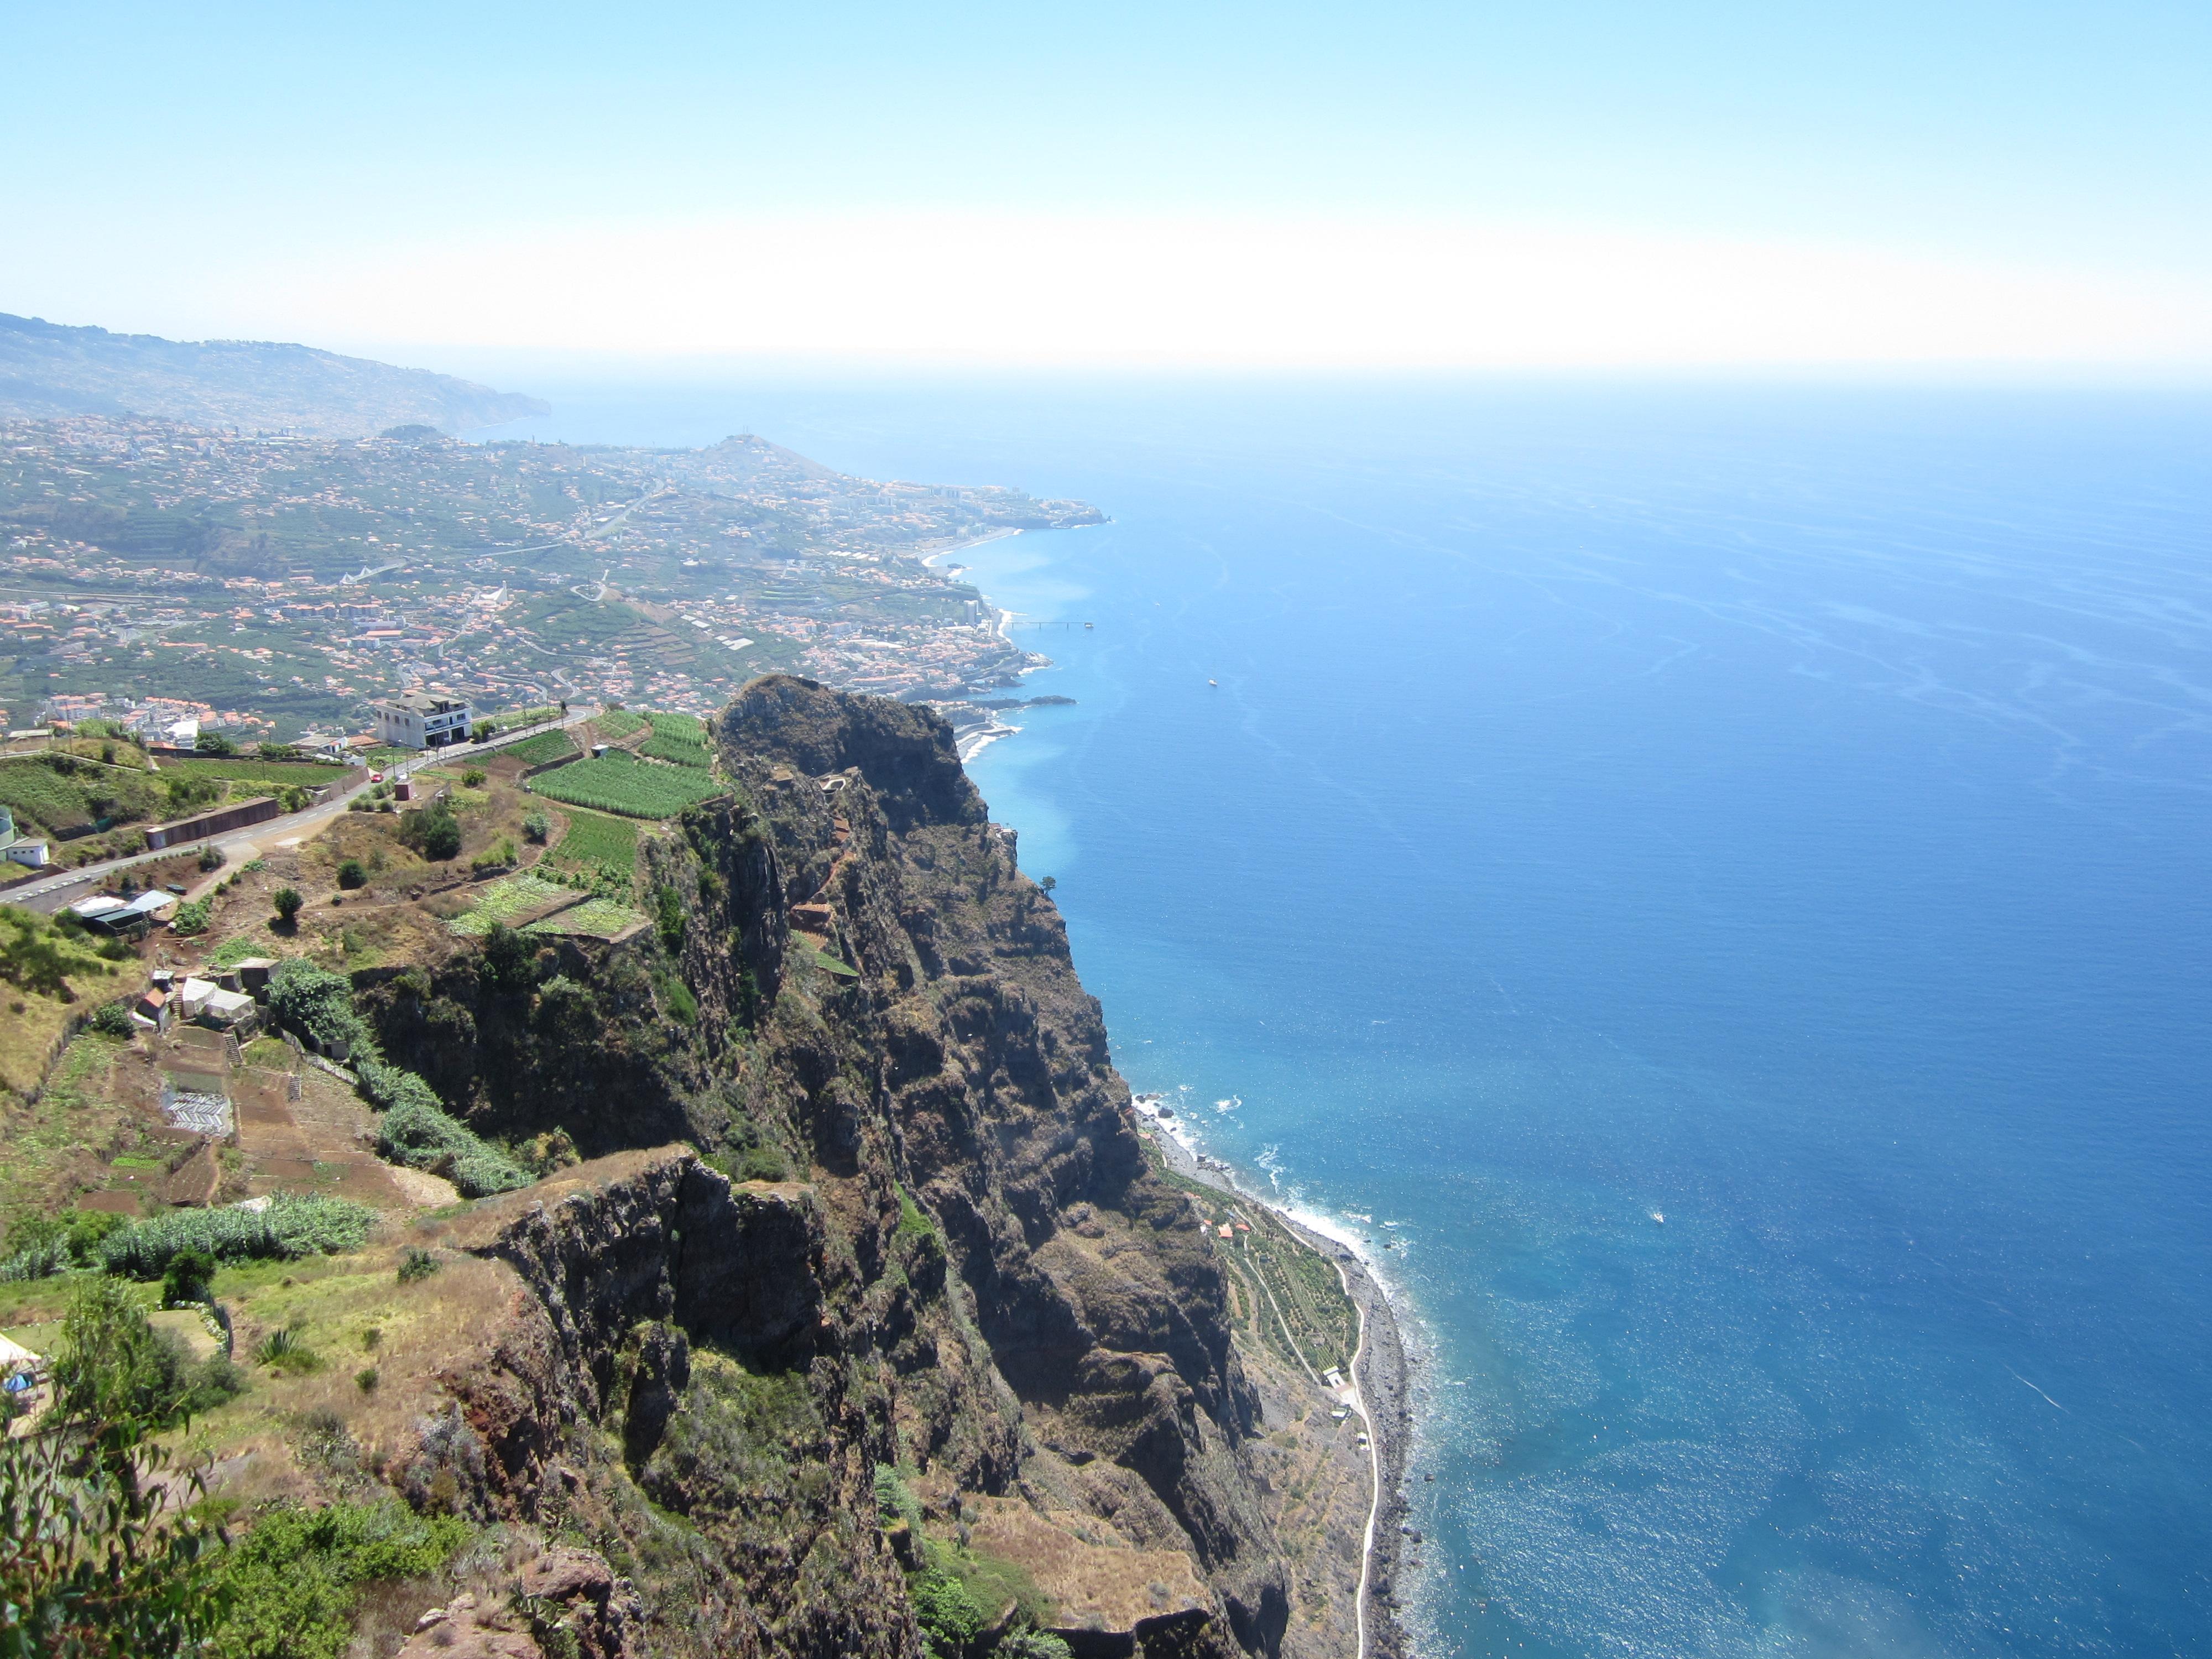 4. Arquipélago da Madeira